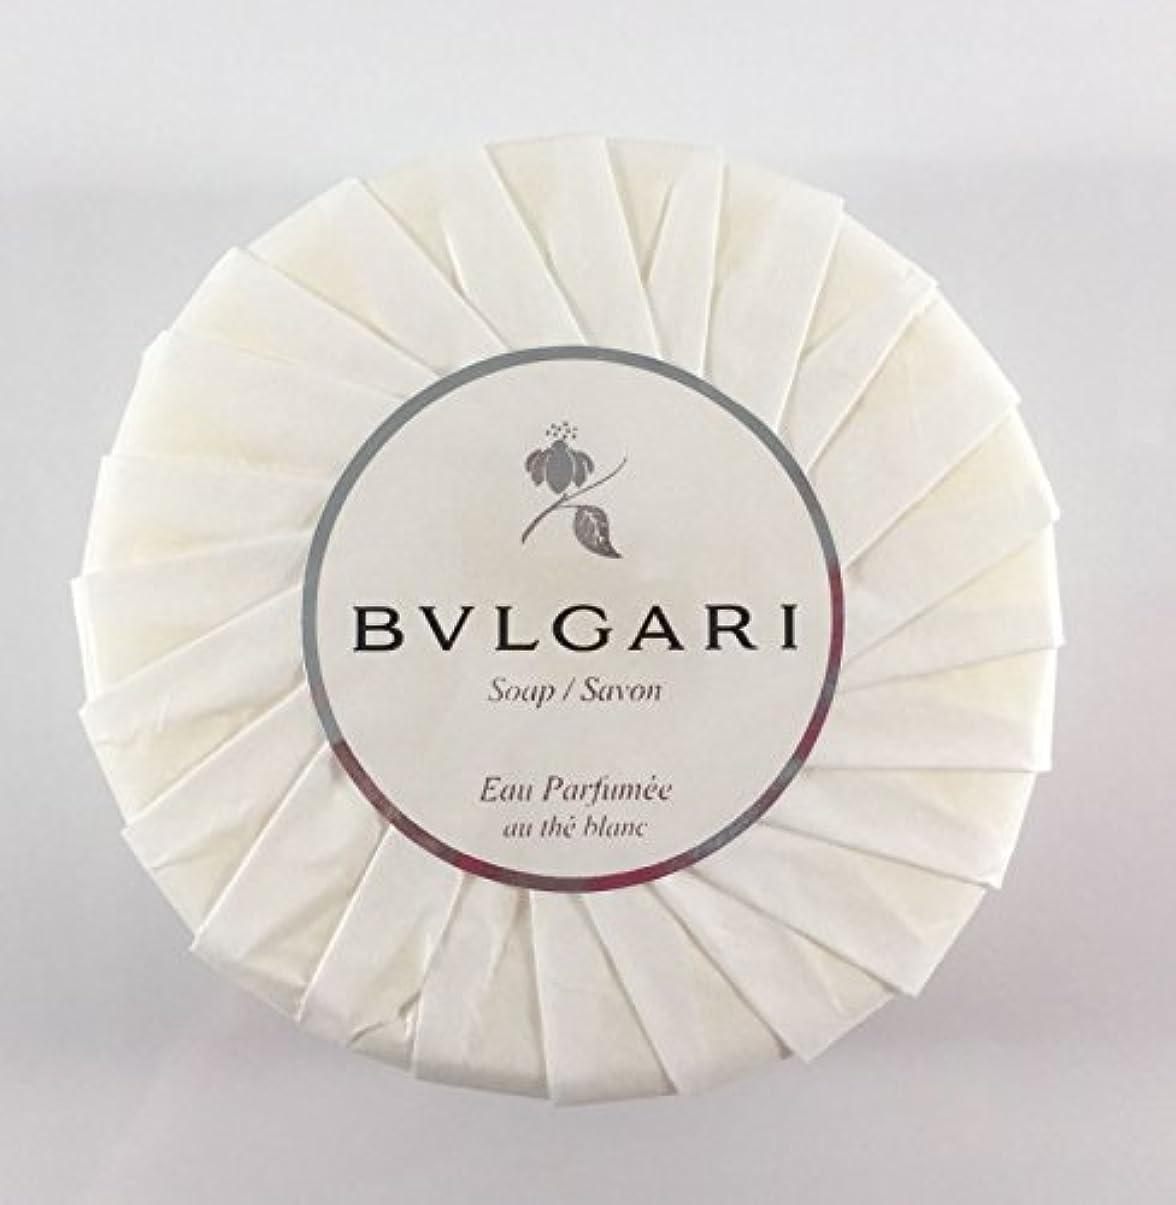 雲肯定的挑むブルガリ オ?パフメ オーテブラン デラックスソープ150g BVLGARI Bvlgari Eau Parfumee au the blanc White Soap